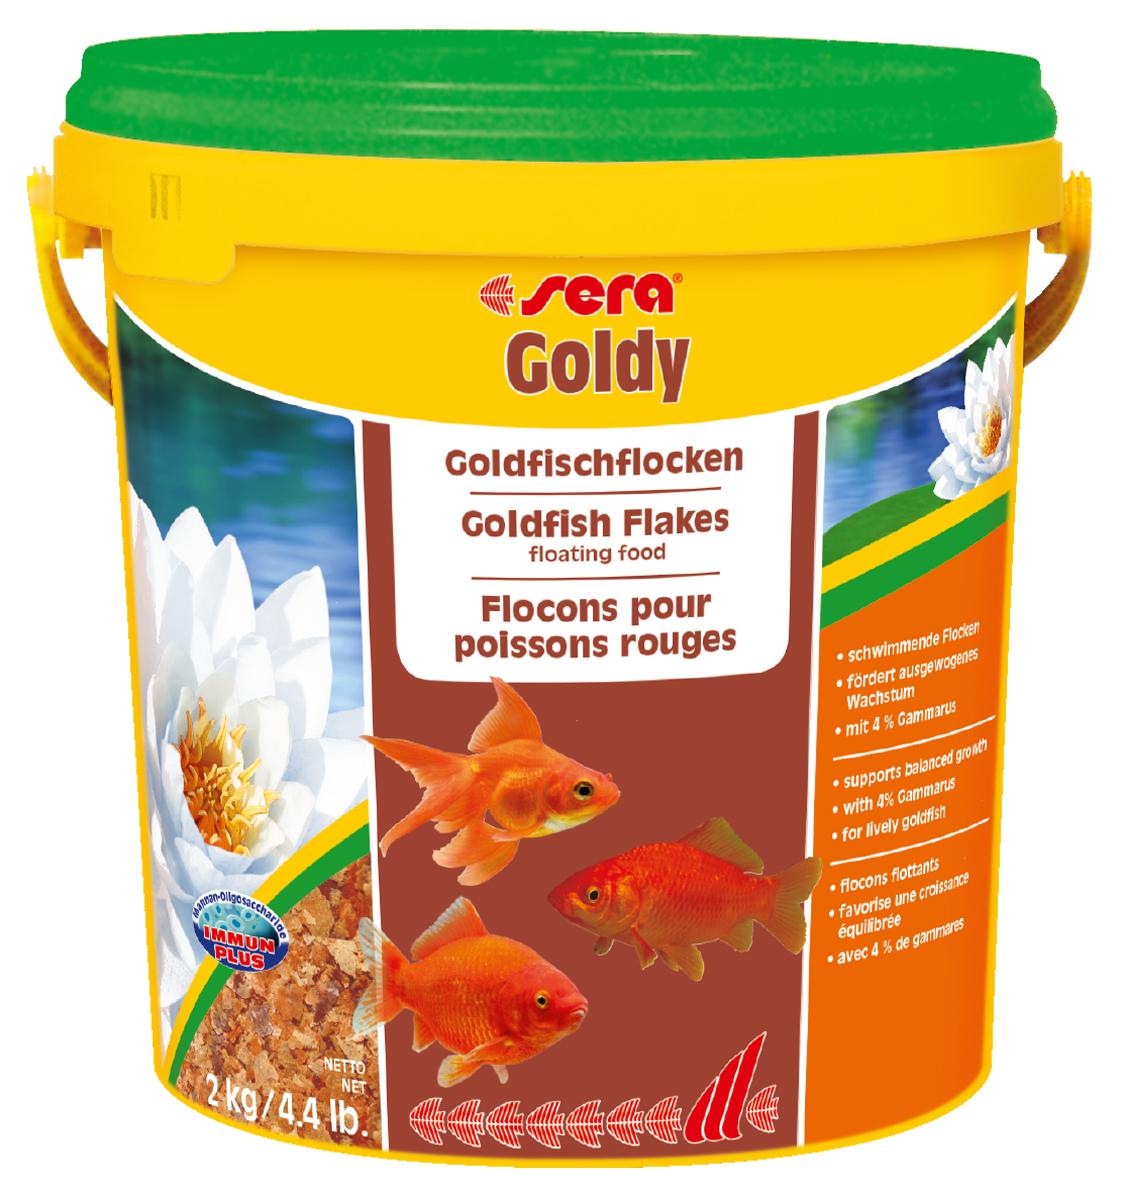 Корм для рыб Sera Goldy, 10 л (2 кг)0890Корм для рыб Sera Goldy - основной корм в хлопьях для каждодневного кормления всех золотых рыбок в аквариумах и садовых прудах. Золотым рыбкам требуется меньше белков и больше легко перевариваемых углеводов, чем тропическим рыбкам. Корм sera goldy содержит спирулину и муку из пророщенной пшеницы, благодаря чему идеально подходит для кормления холодноводных рыб в аквариумах и прудах. Кормление рыб осенью укрепляет рыб перед спячкой (при зимовке в водоеме). Благодаря тщательно подобранным ингредиентам растительного и животного происхождения, корм является привлекательным для рыб, легко усваивается, способствует их сбалансированному росту и активности. Инструкция по применению: Кормить круглогодично один-два раза в день, но только в том количестве, которое рыбы могут съесть в течение короткого периода времени. Молодые рыбки нуждаются в более частом кормлении (при необходимости можно измельчить хлопья для более полноценного кормления). Ингредиенты: рыбная...